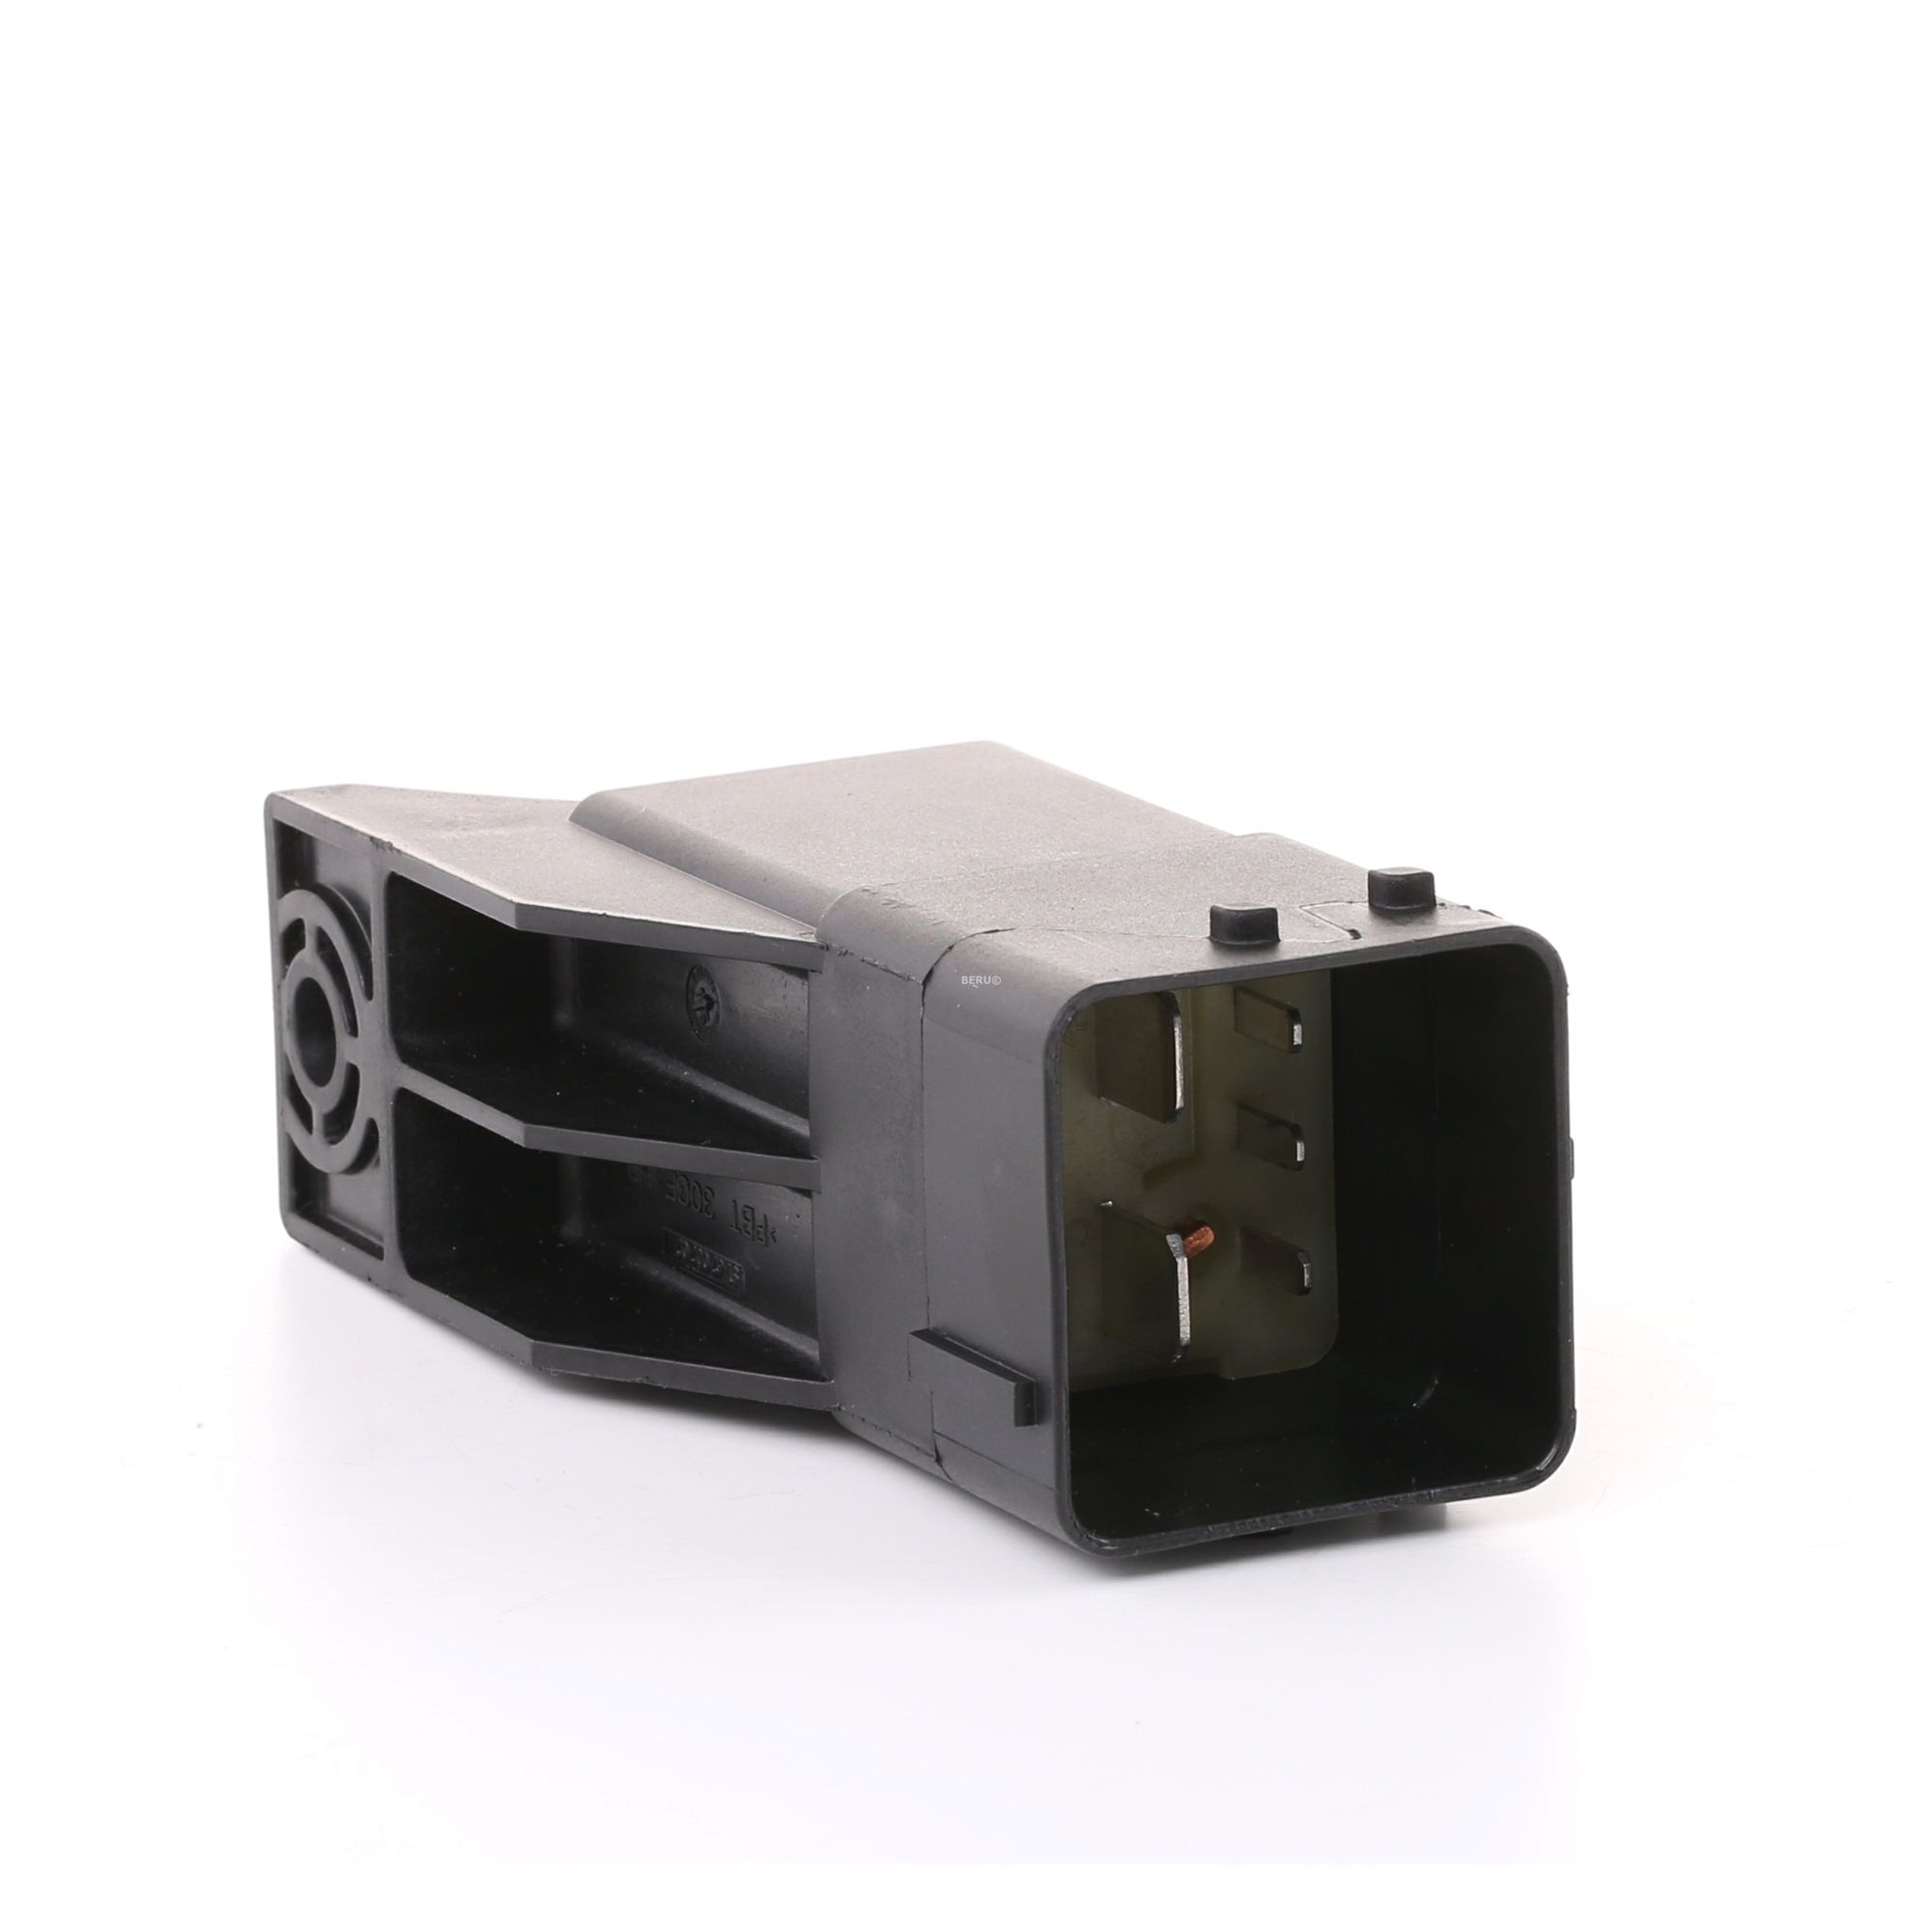 Pieces detachees RENAULT SCÉNIC 2012 : Appareil de commande, temps de préchauffage BERU GSE147 Volt: 12V - Achetez tout de suite!